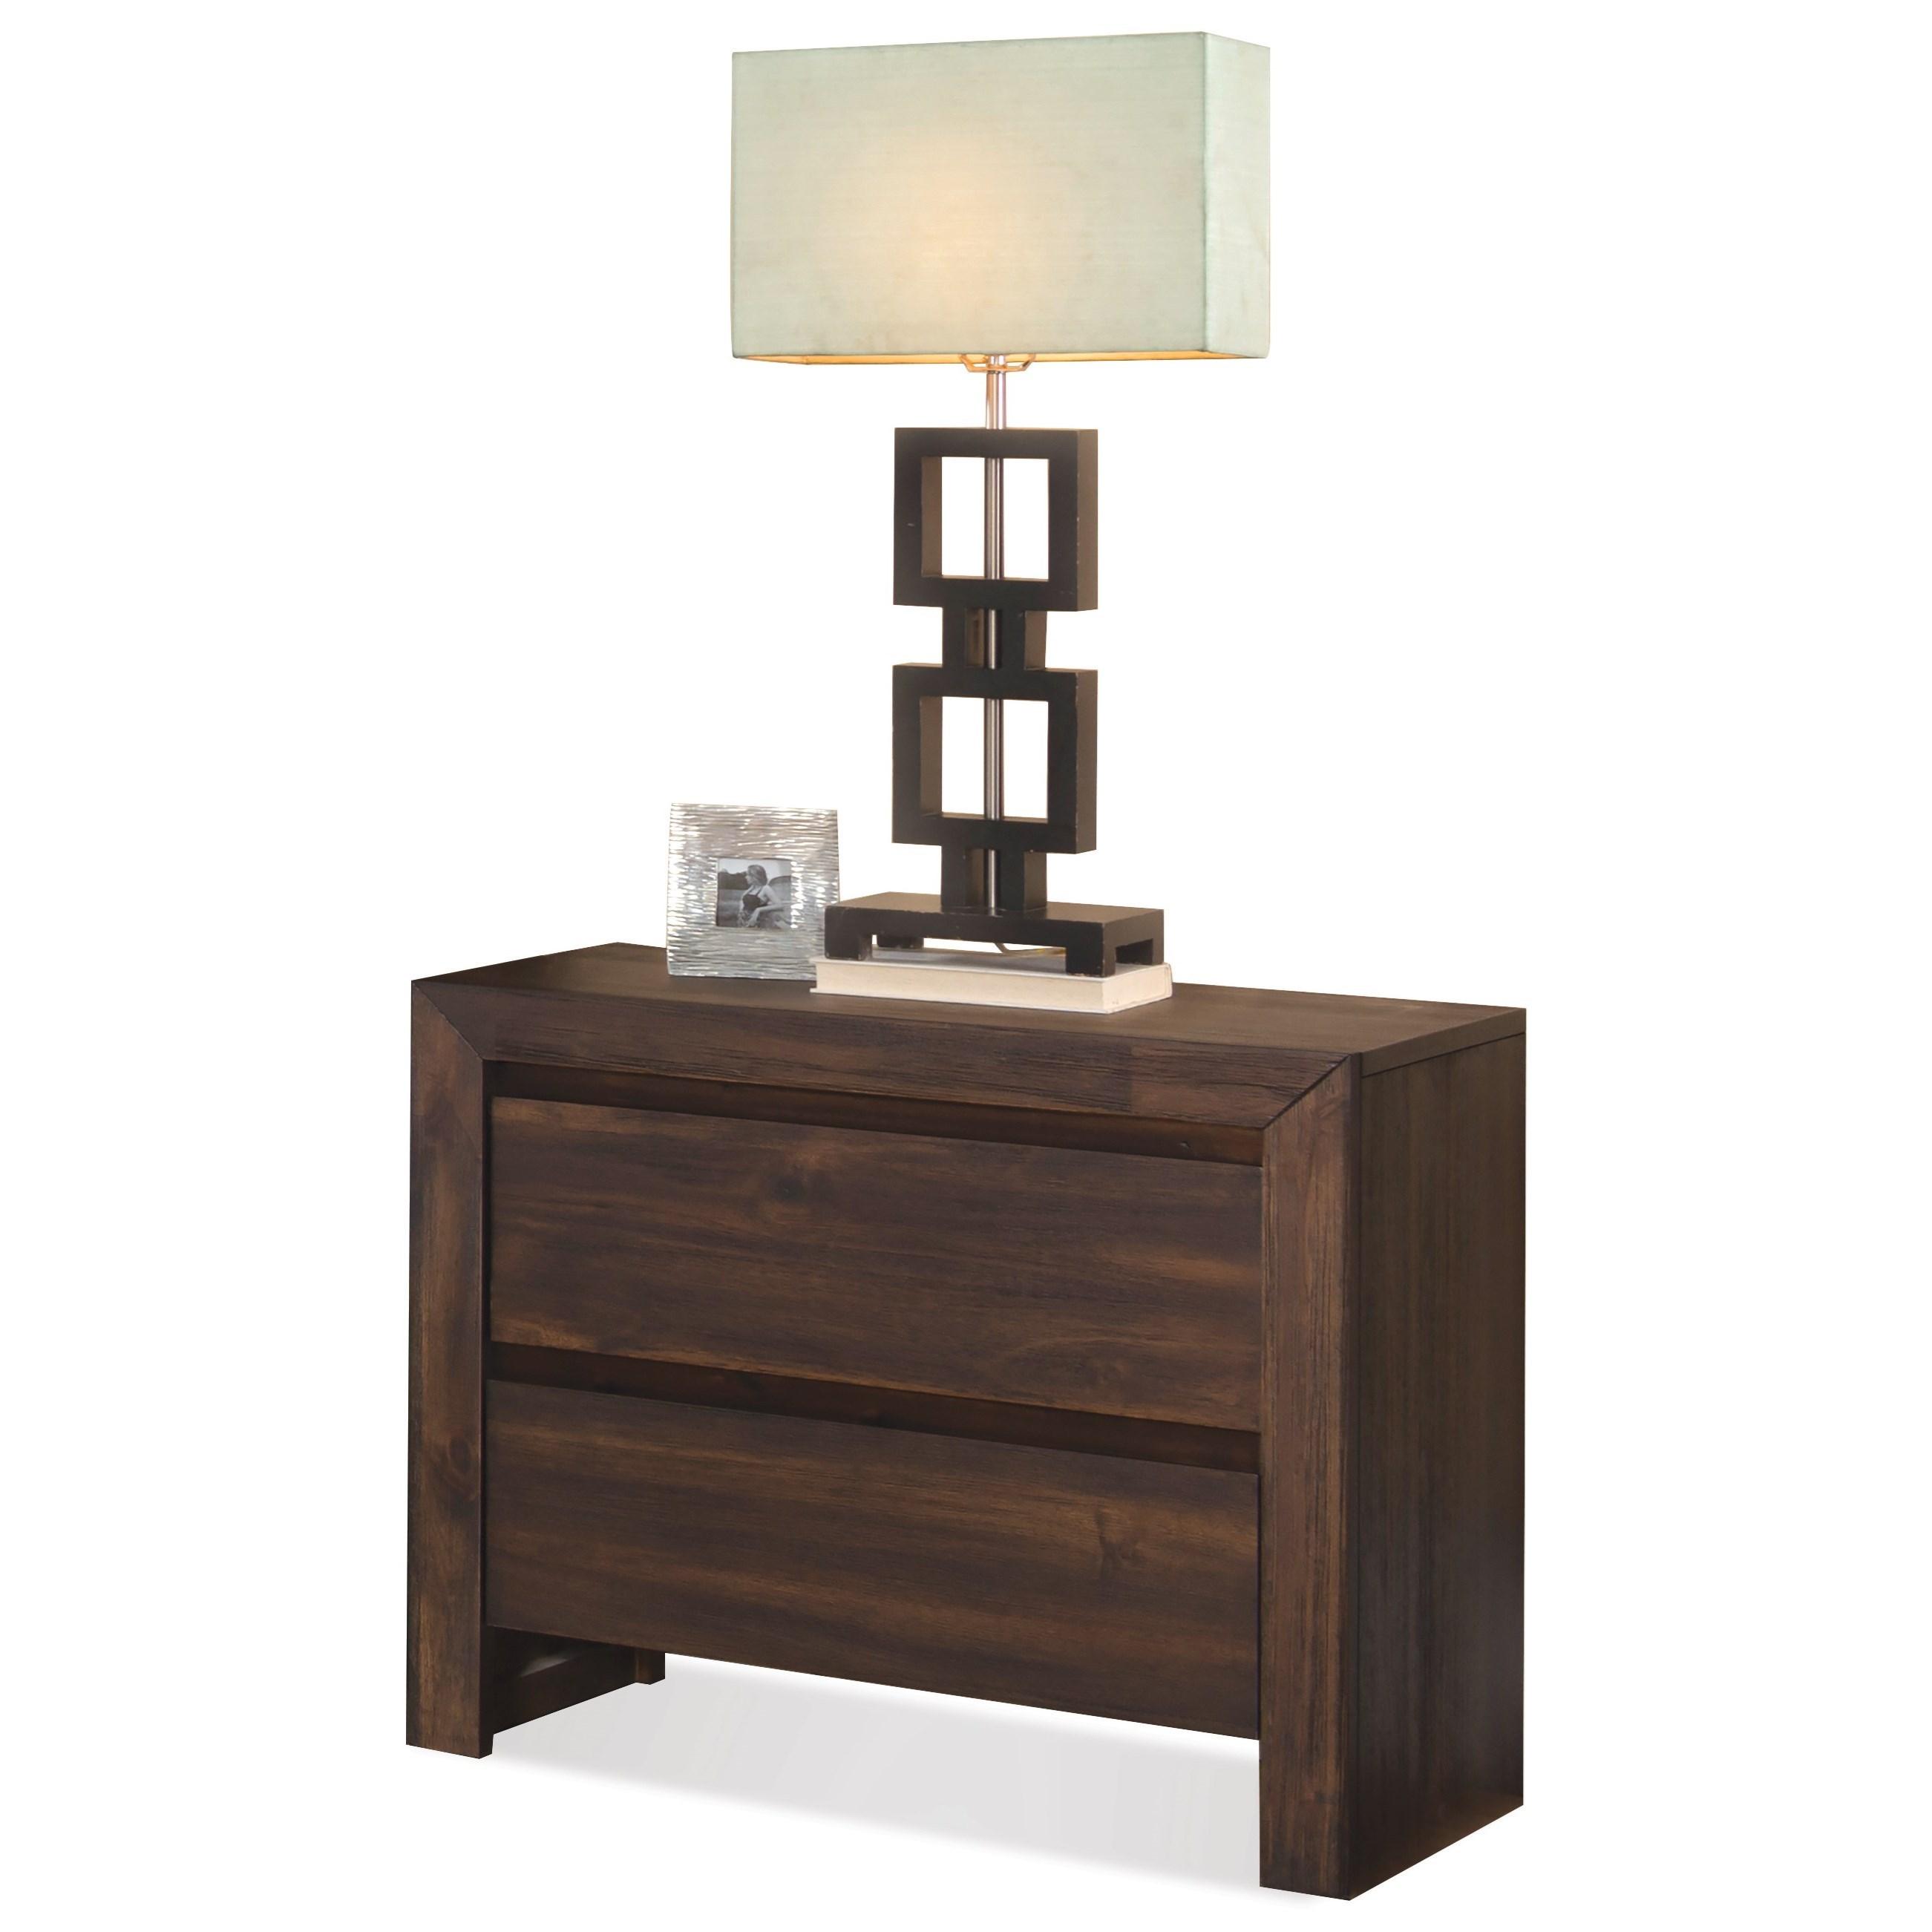 Riverside Furniture Modern Gatherings 2-Drawer Nightstand - Item Number: 15369